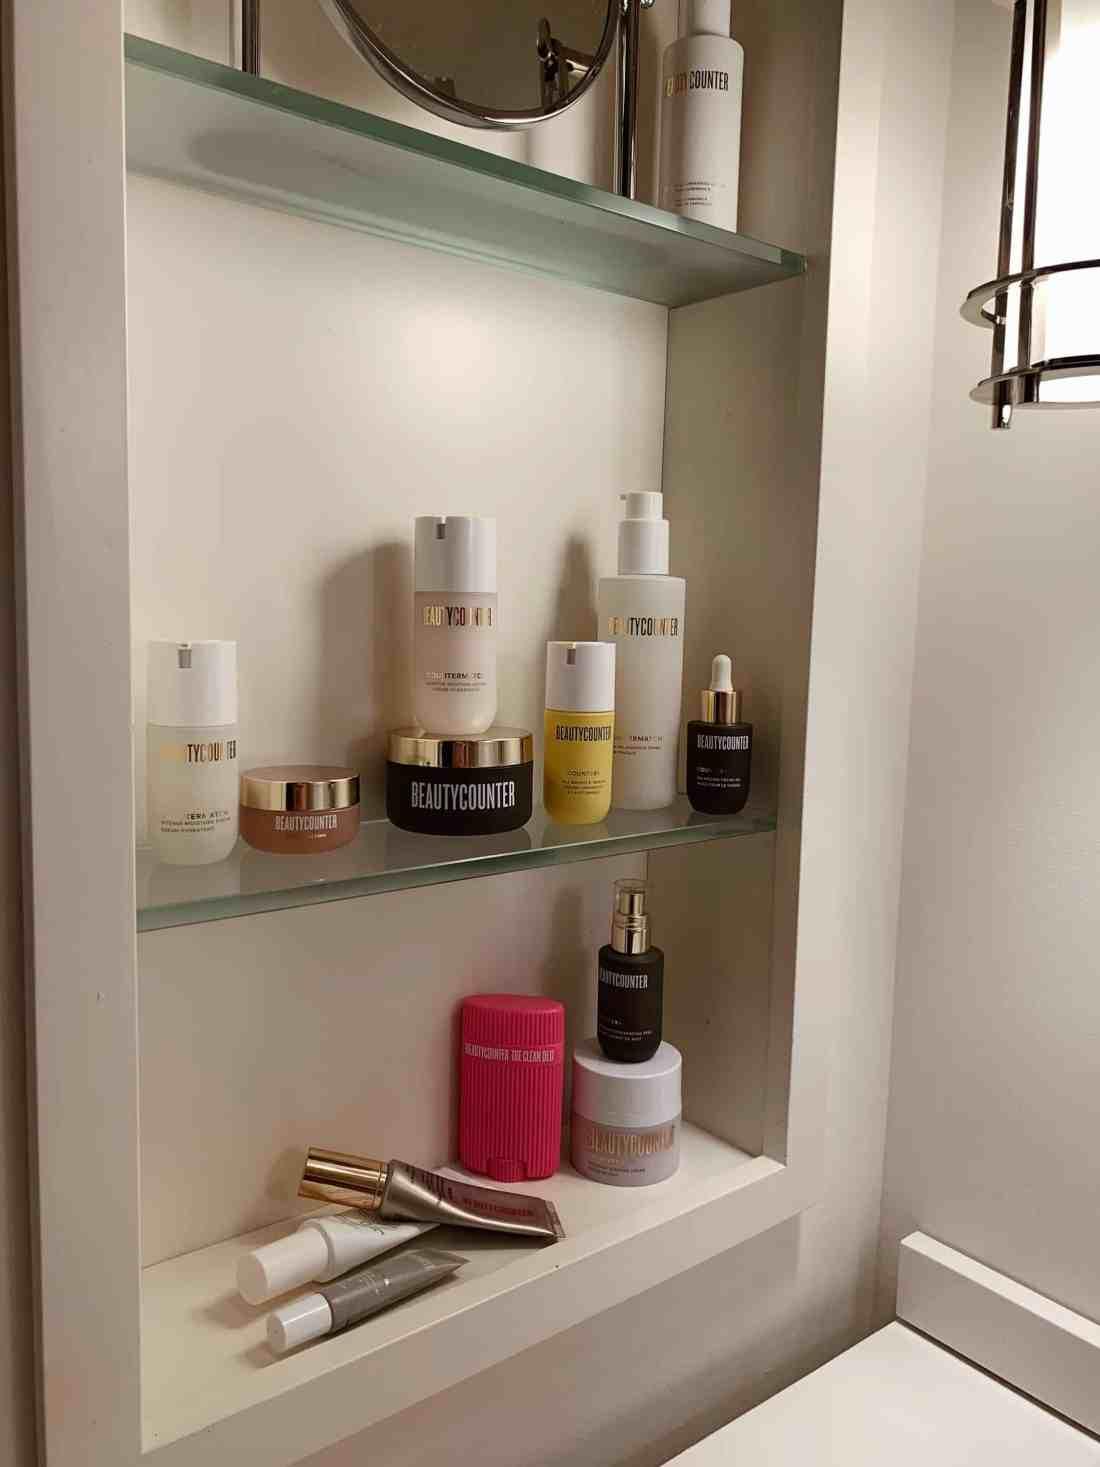 Beautycounter skincare on a shelf